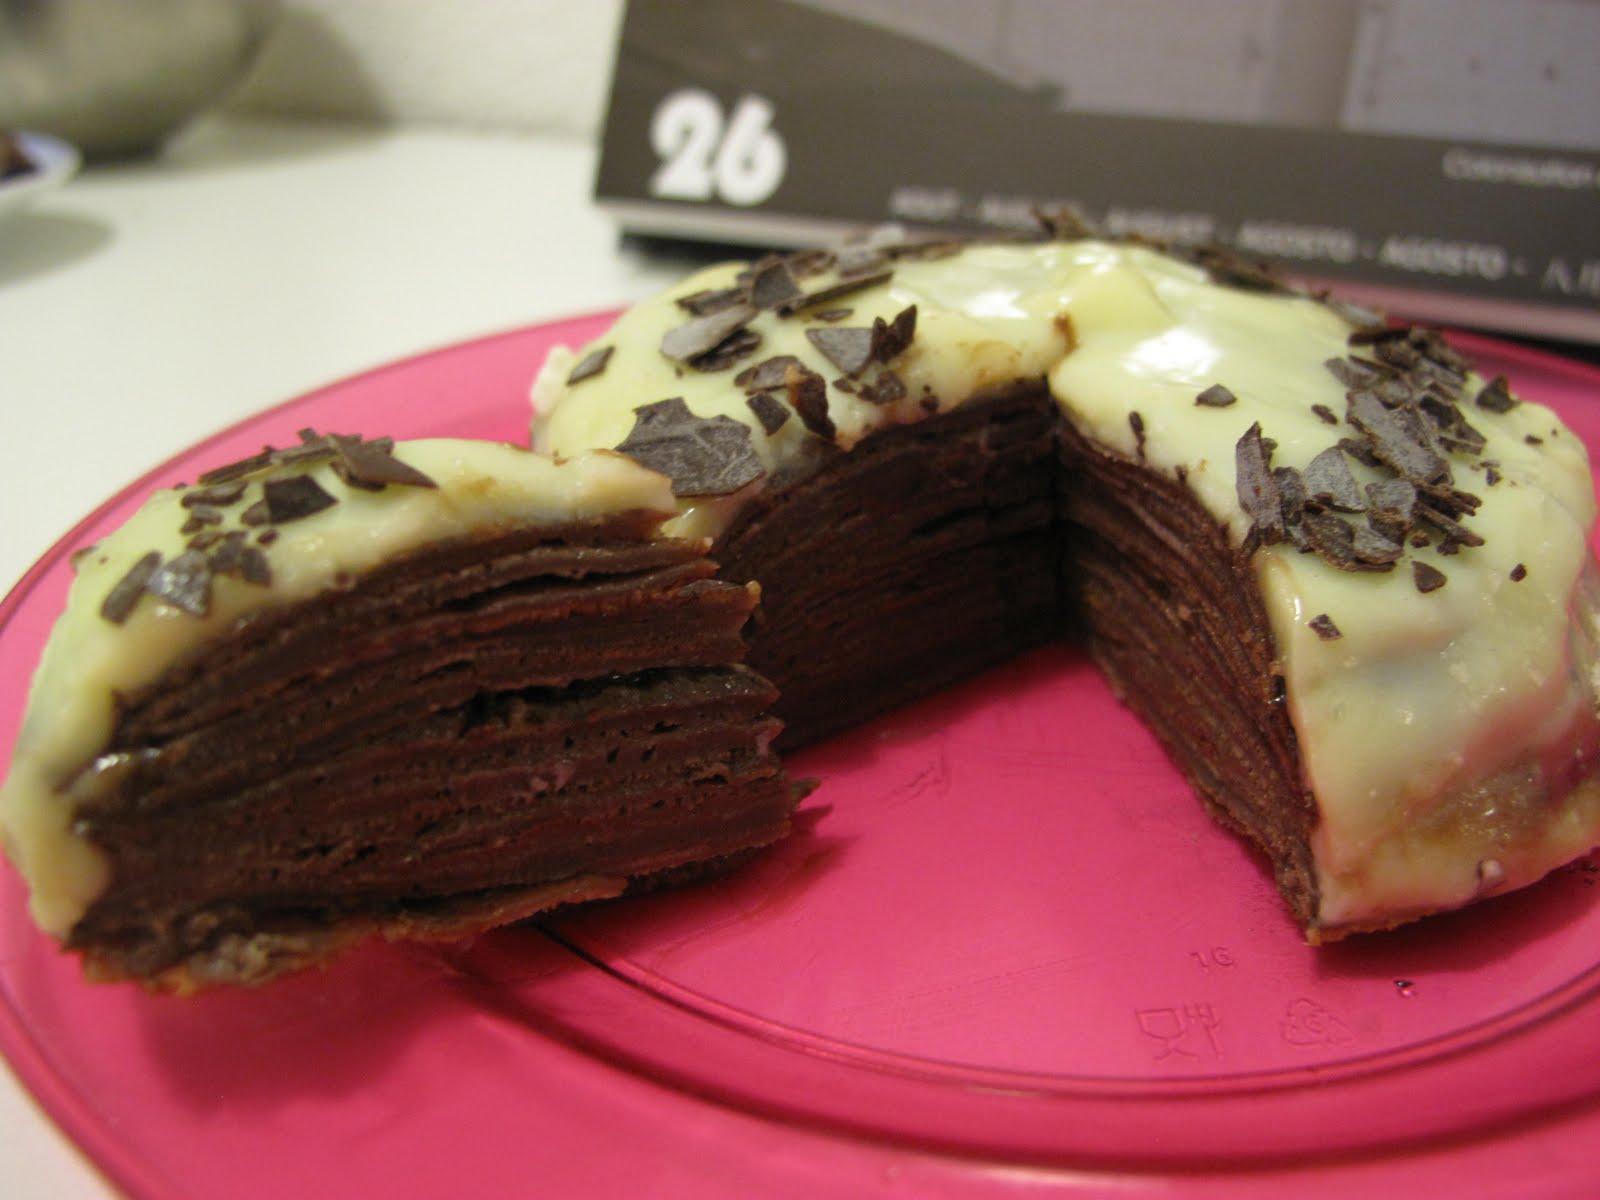 Gateau au crepe au chocolat